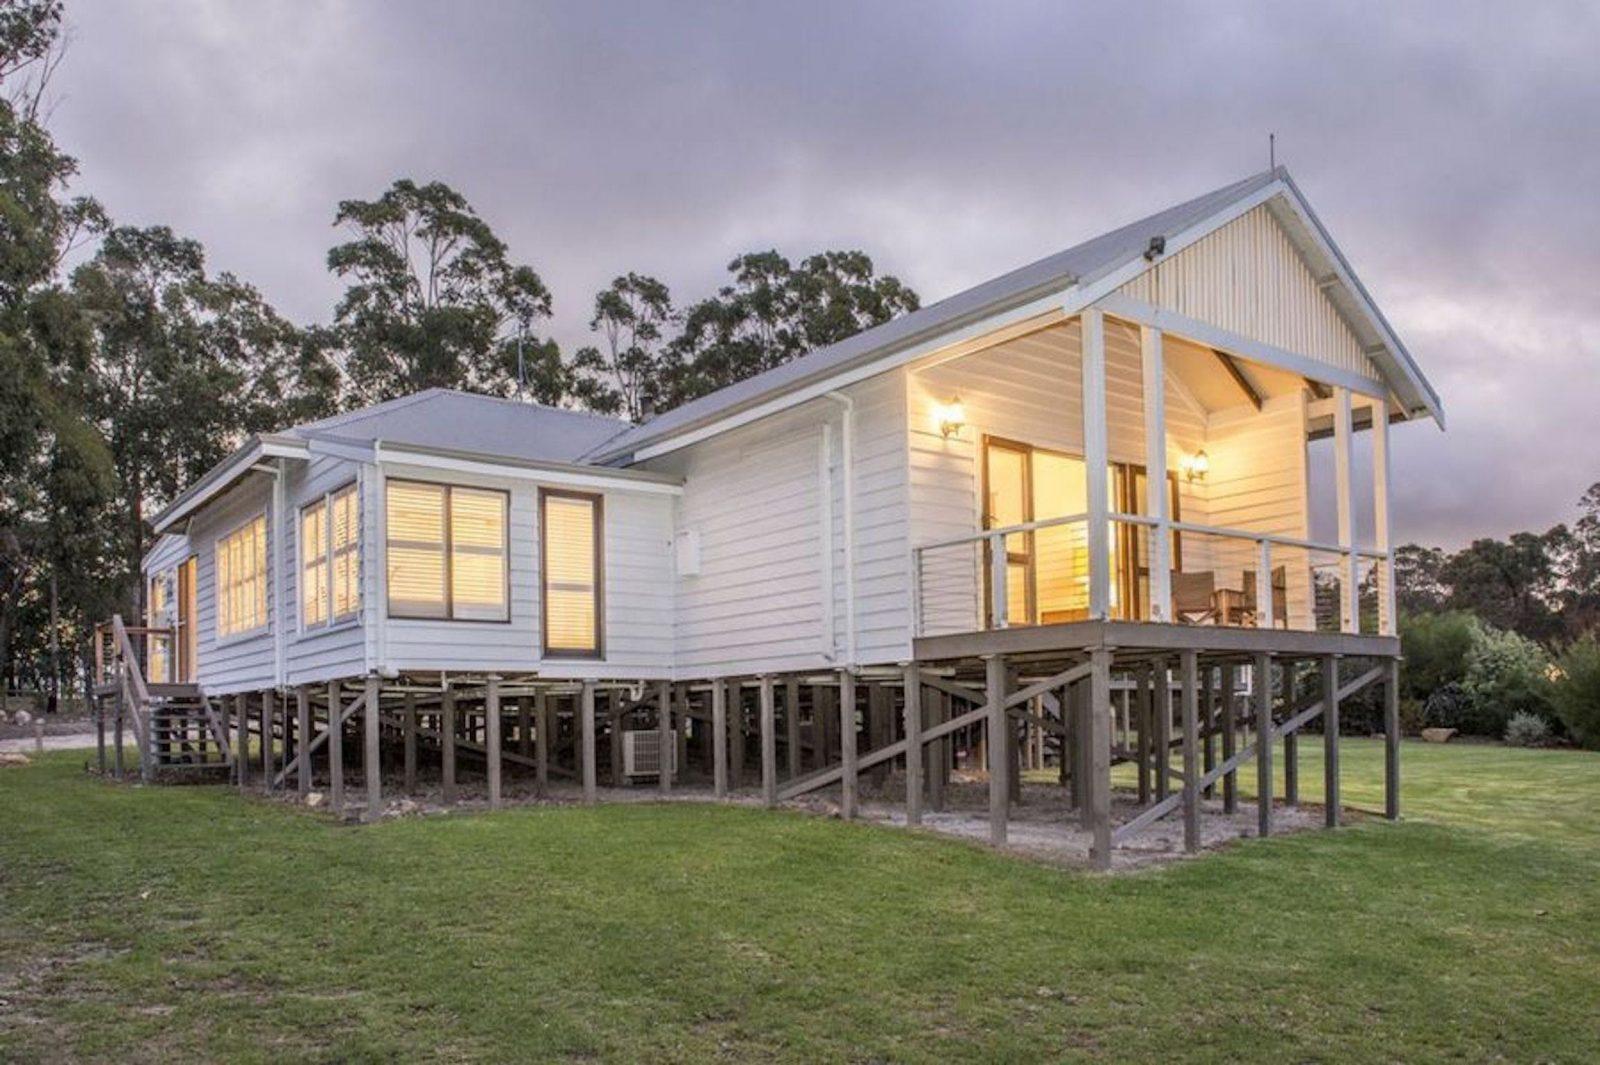 Buxton-Thomas, Quedjinup, Western Australia